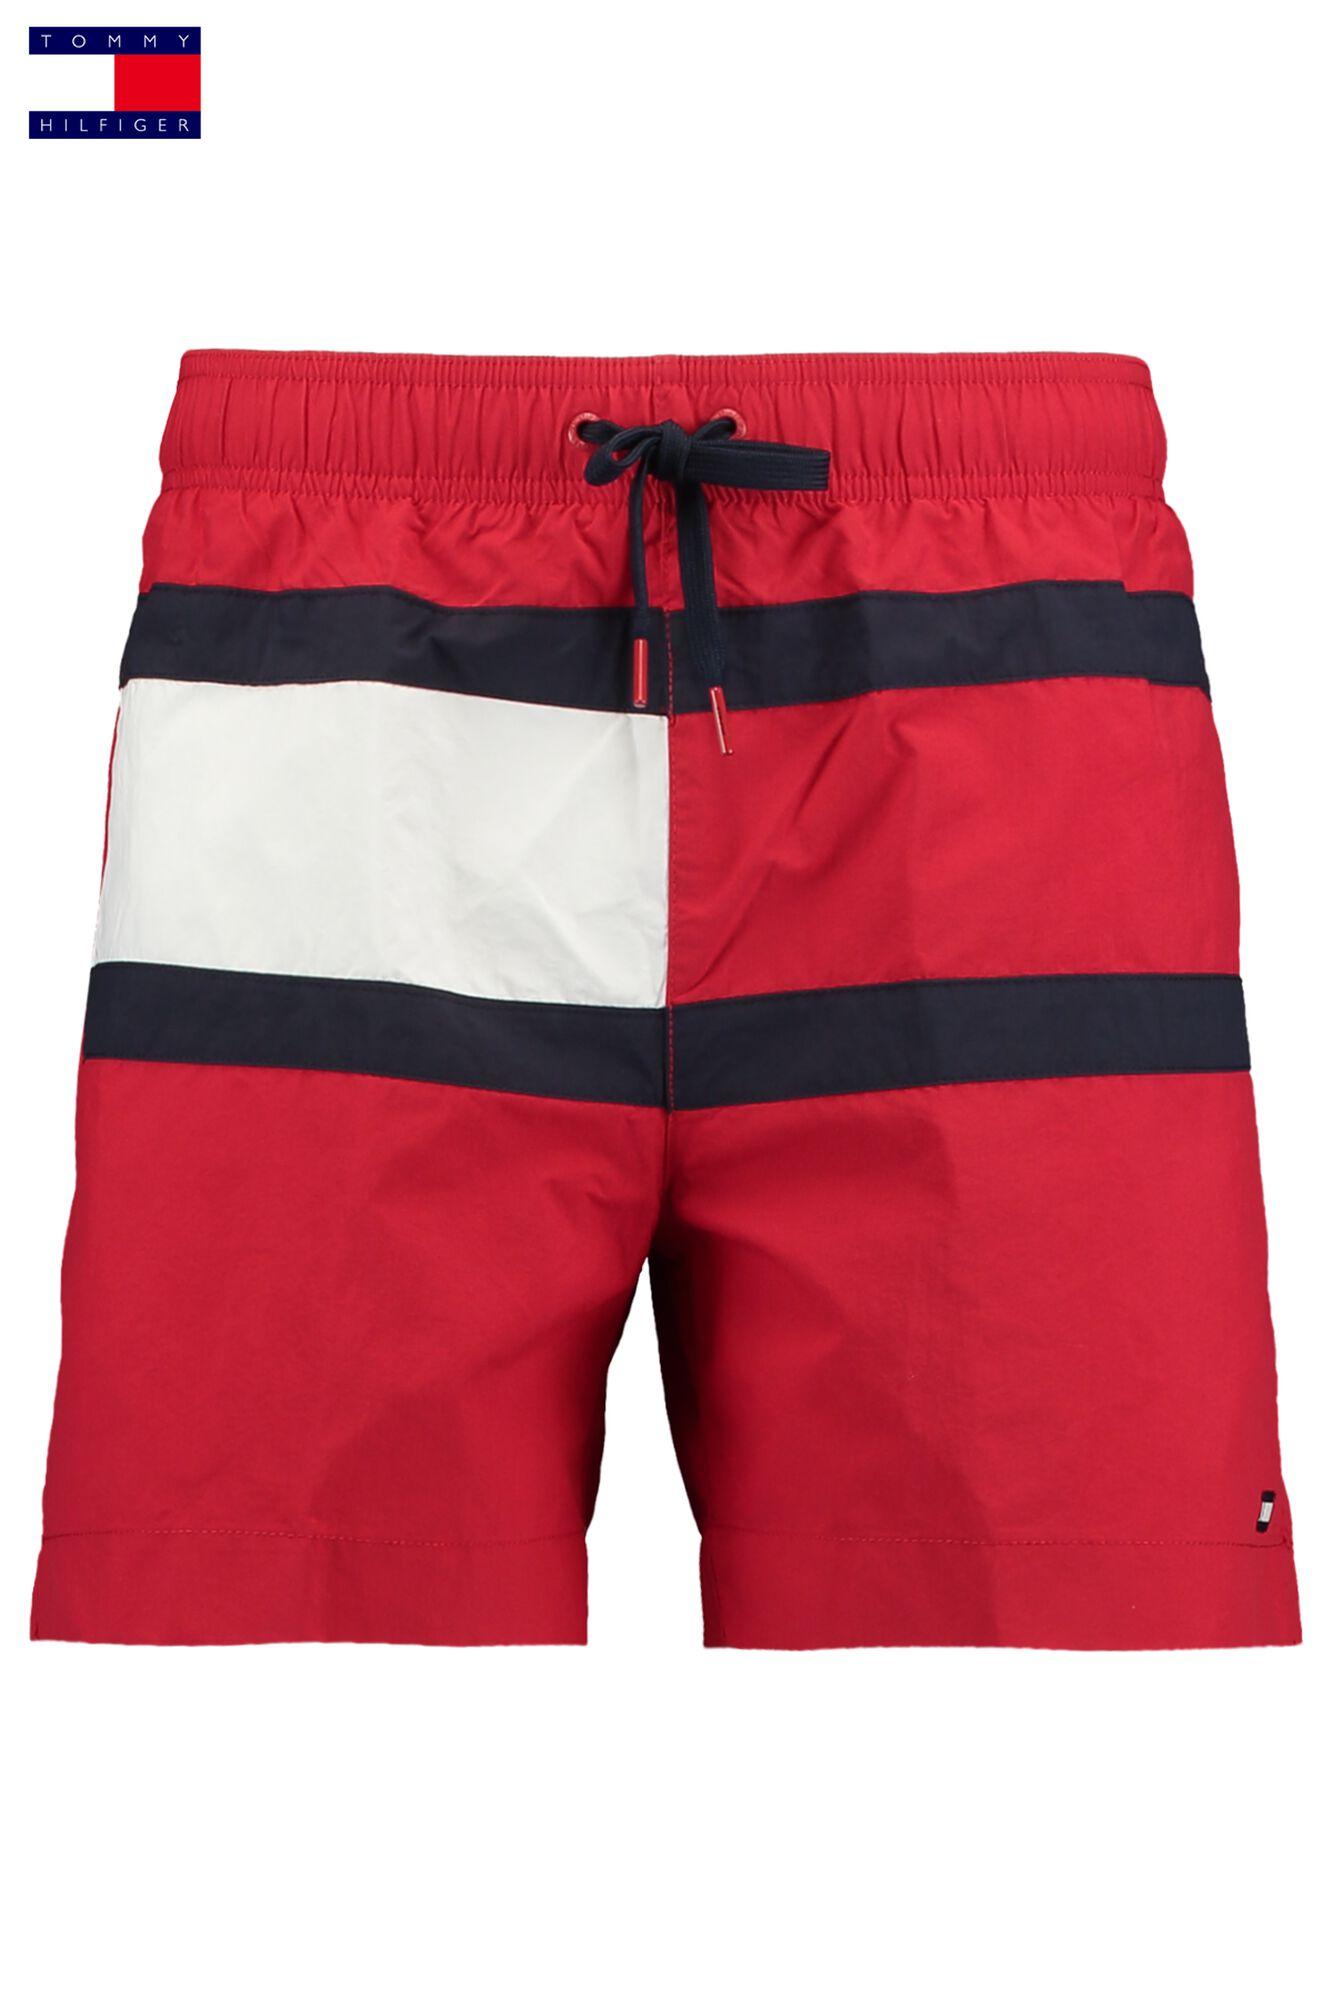 7eddc0d45d Swimming trunks Tommy Hilfiger Medium Drawstring